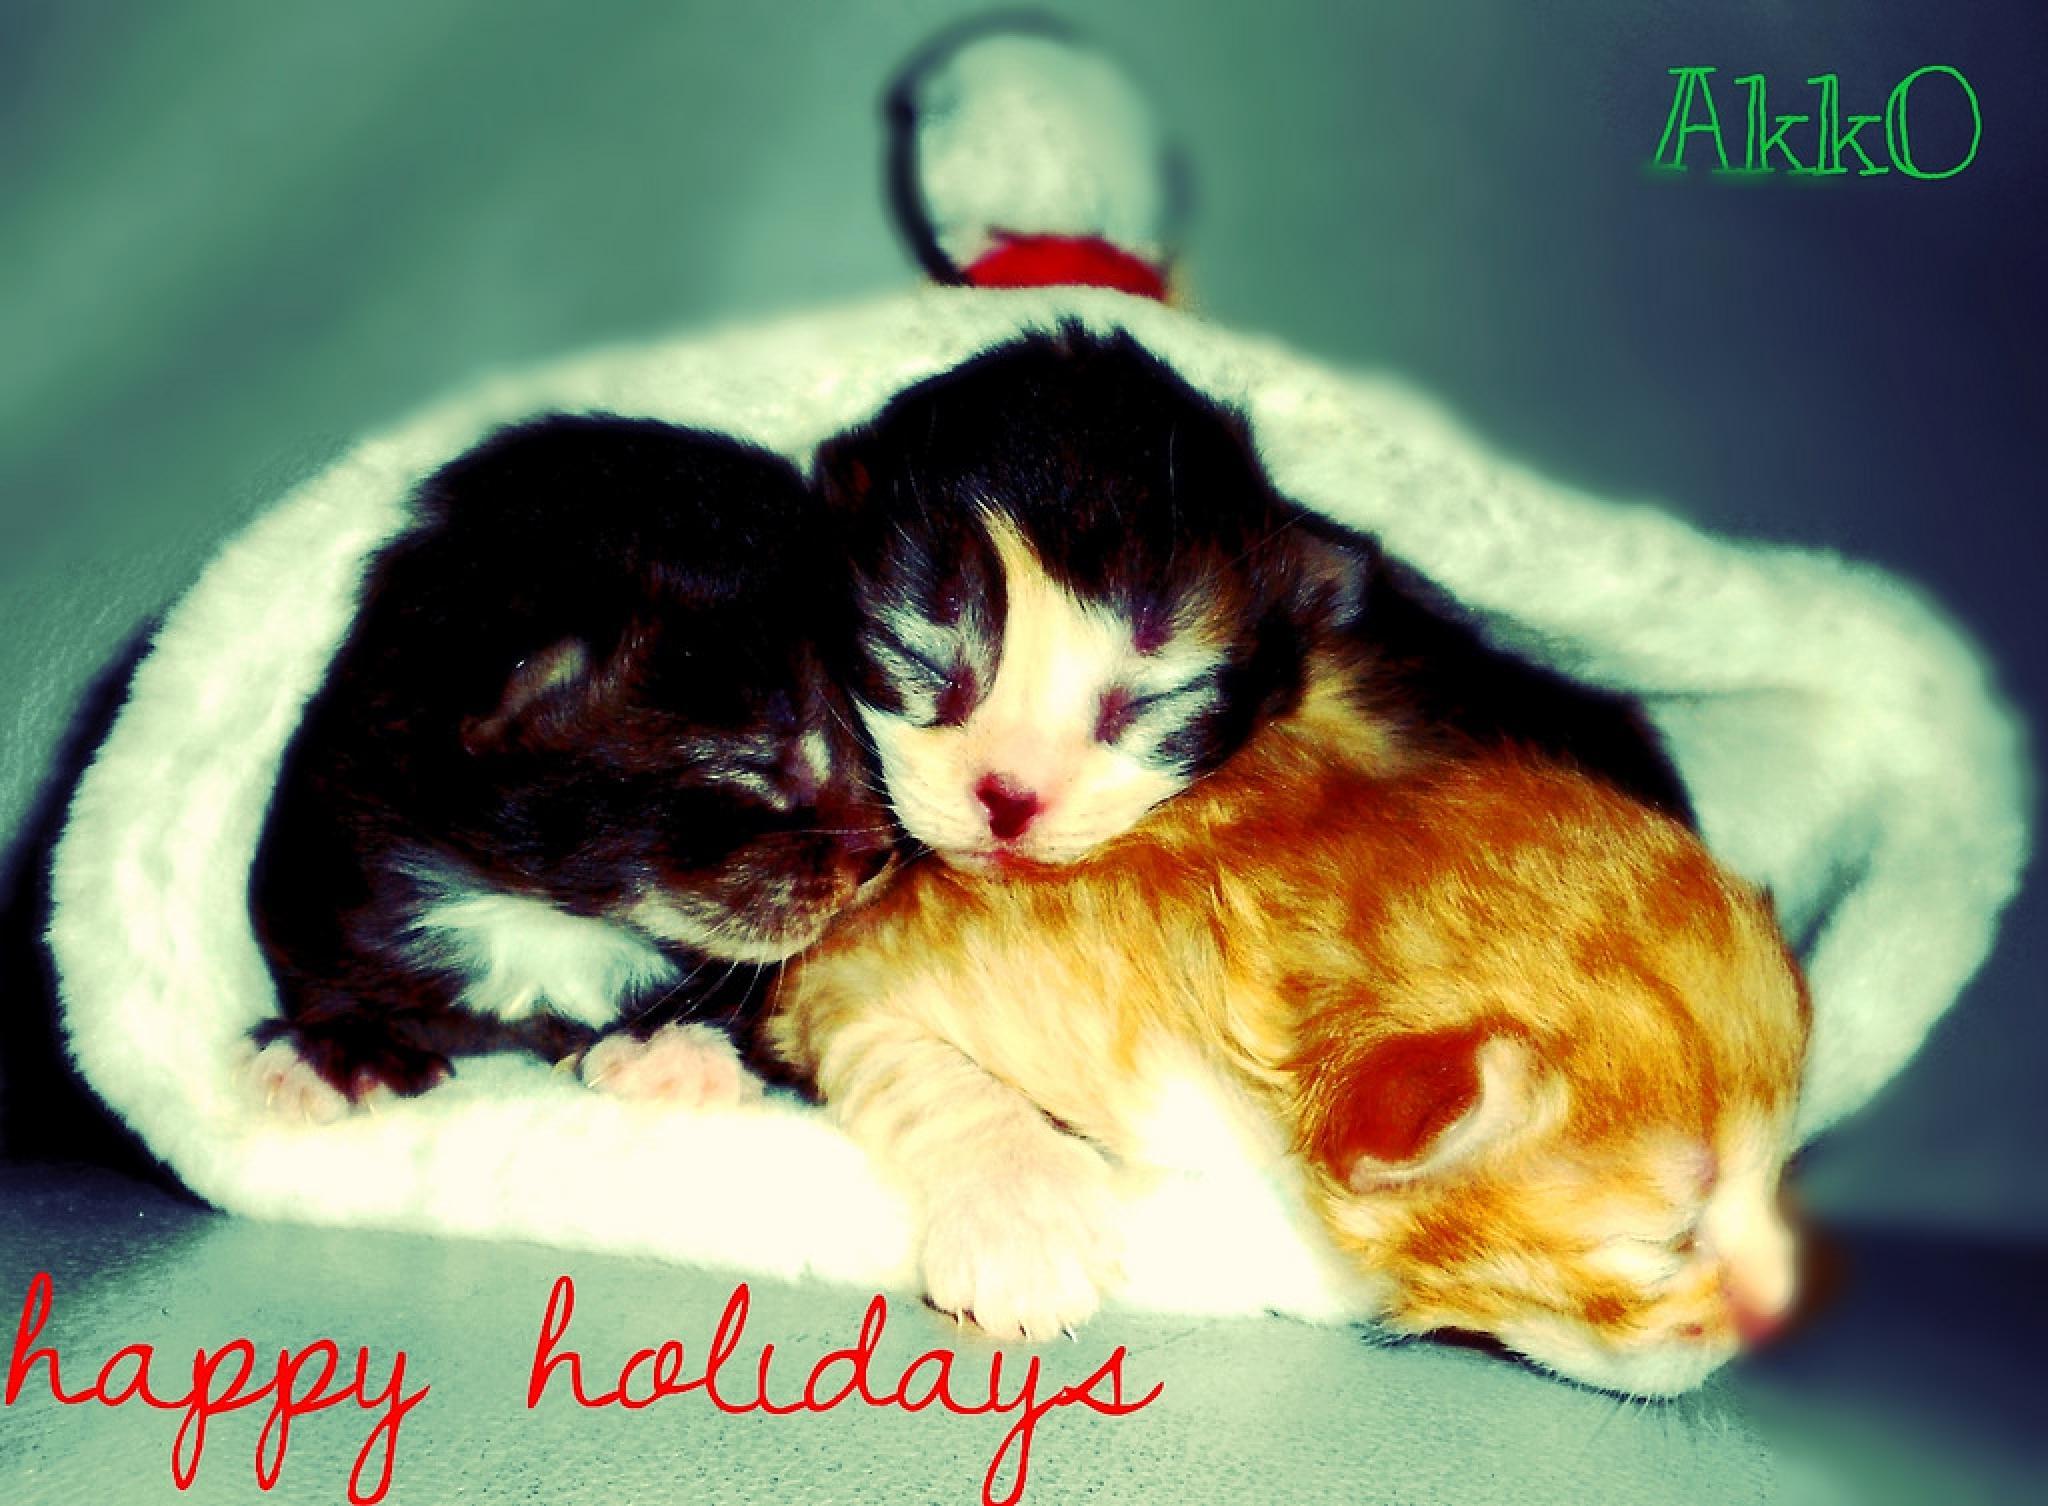 happy holidays by annvanaken.putartann